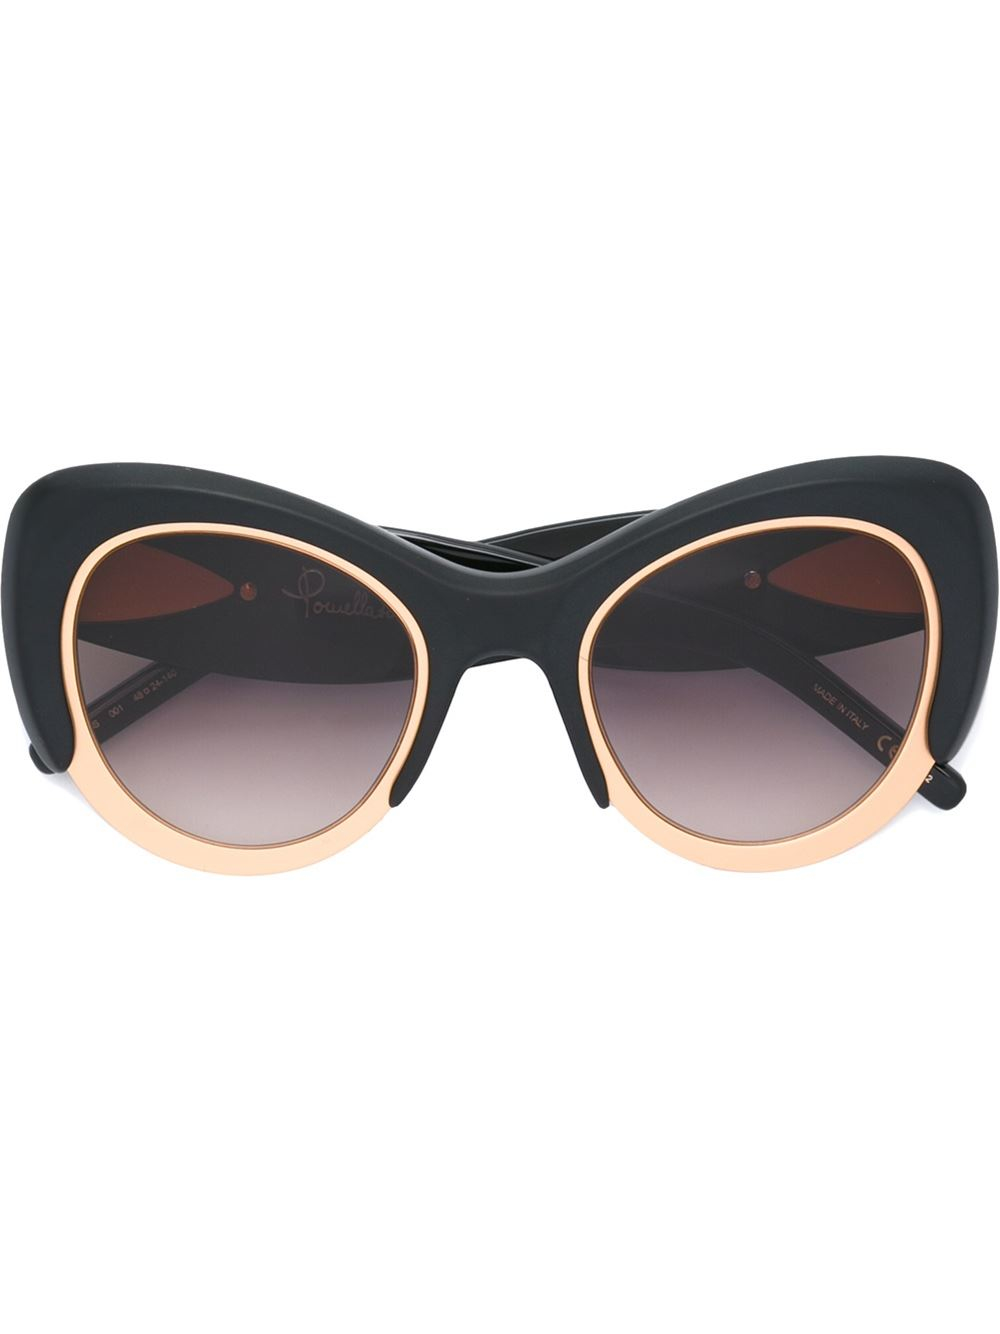 Gold Frame Cat Eye Sunglasses : Pomellato Oversized Cat Eye Frame Sunglasses in Gold ...